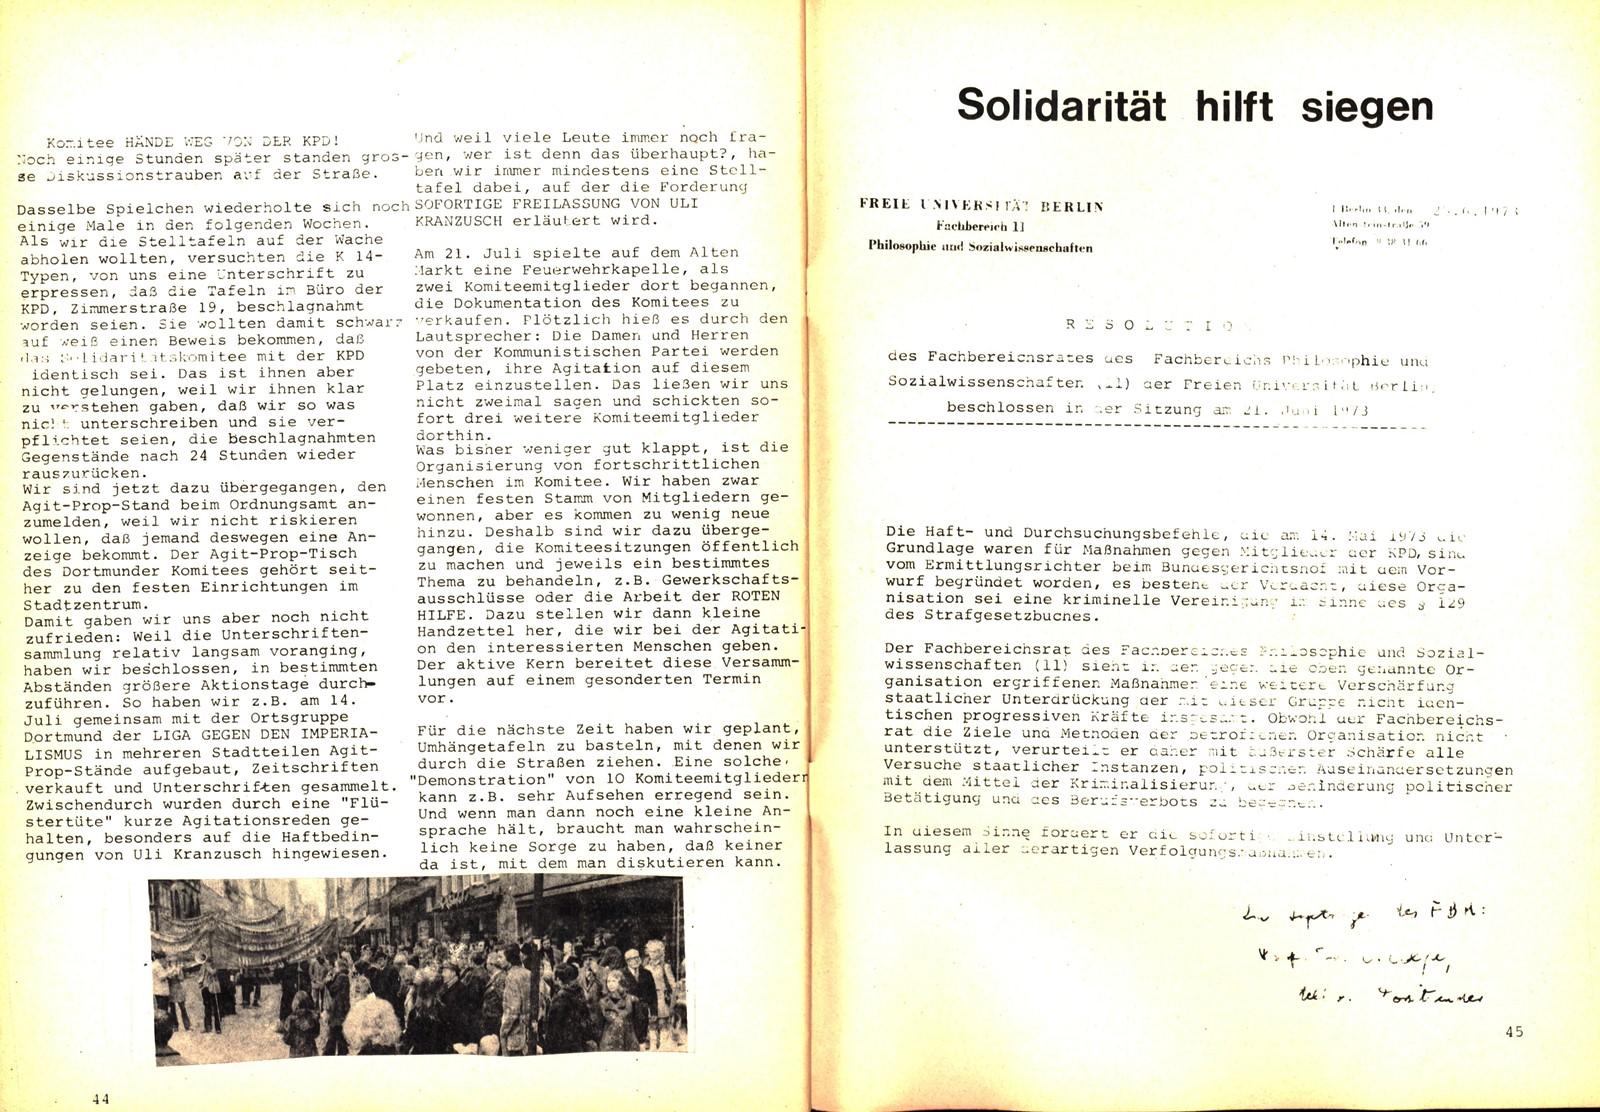 Komitee_Haende_weg_von_der_KPD_1973_Freiheit_fuer_Uli_Kranzusch_24